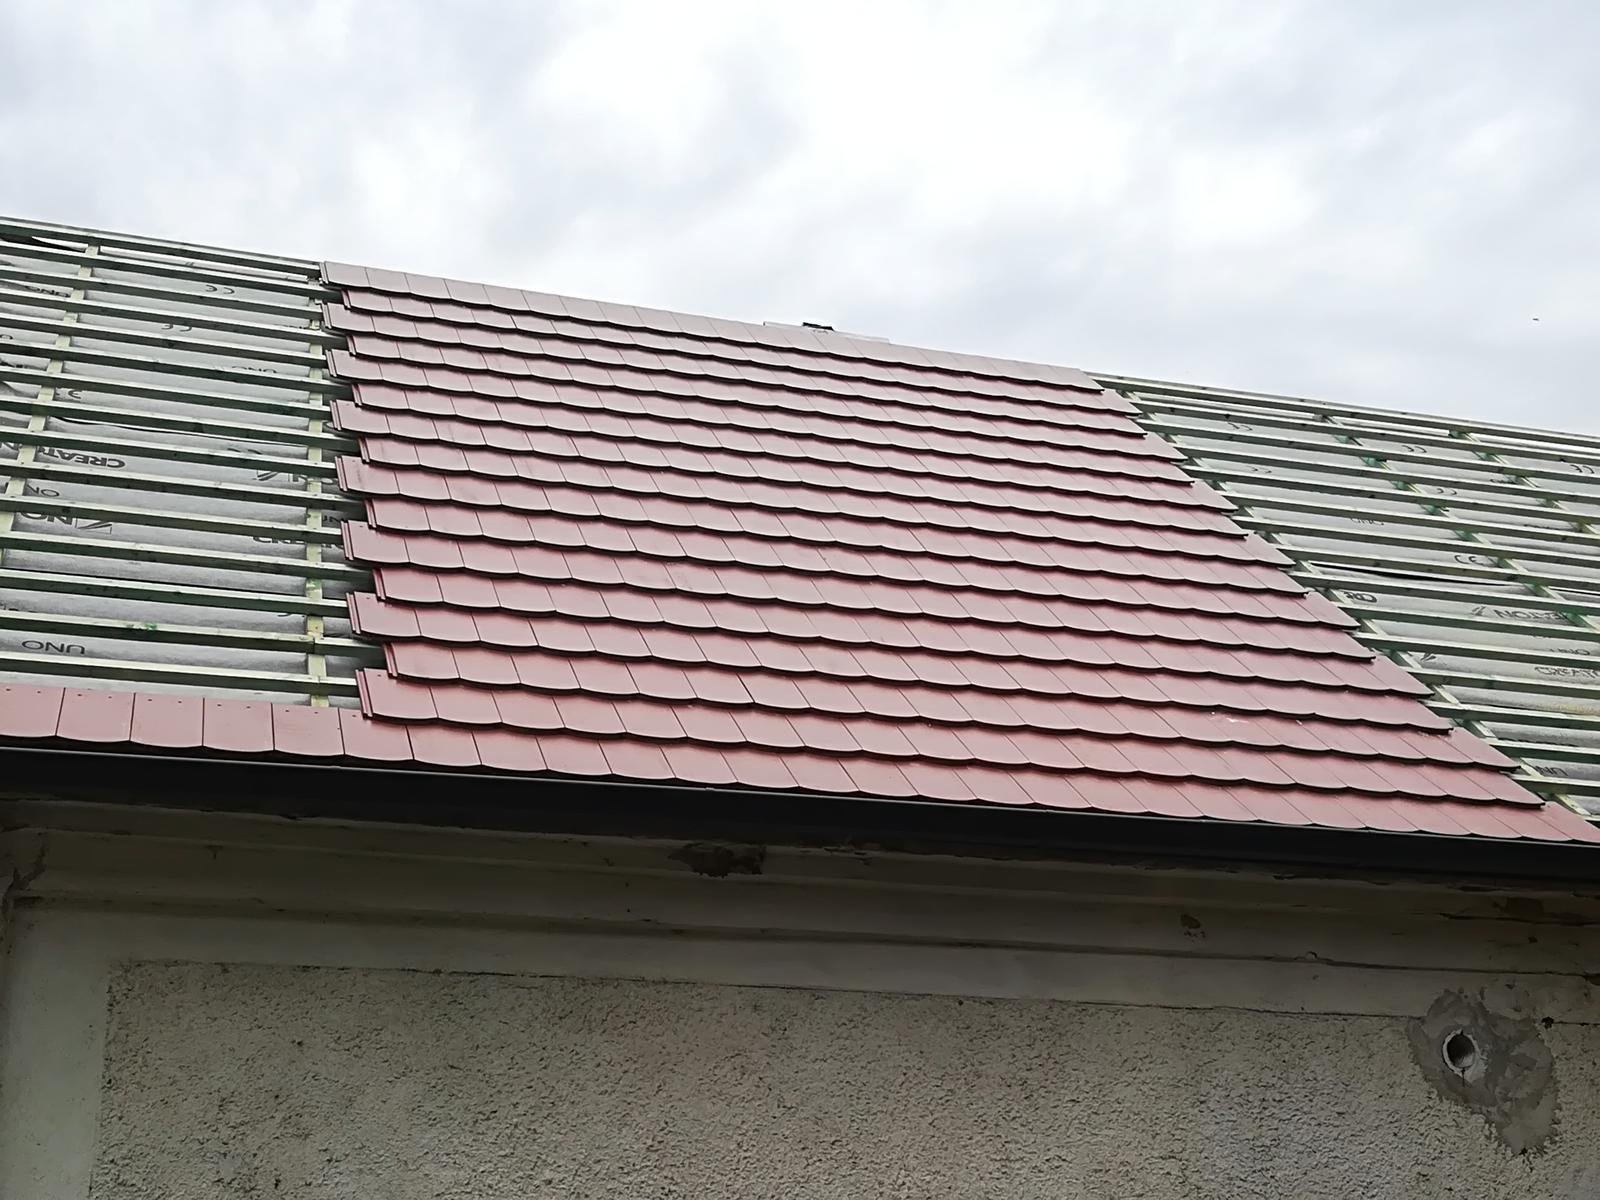 Náš domček - Kúsok škridle položenej, žiaľ počasie nedovolilo viac:(